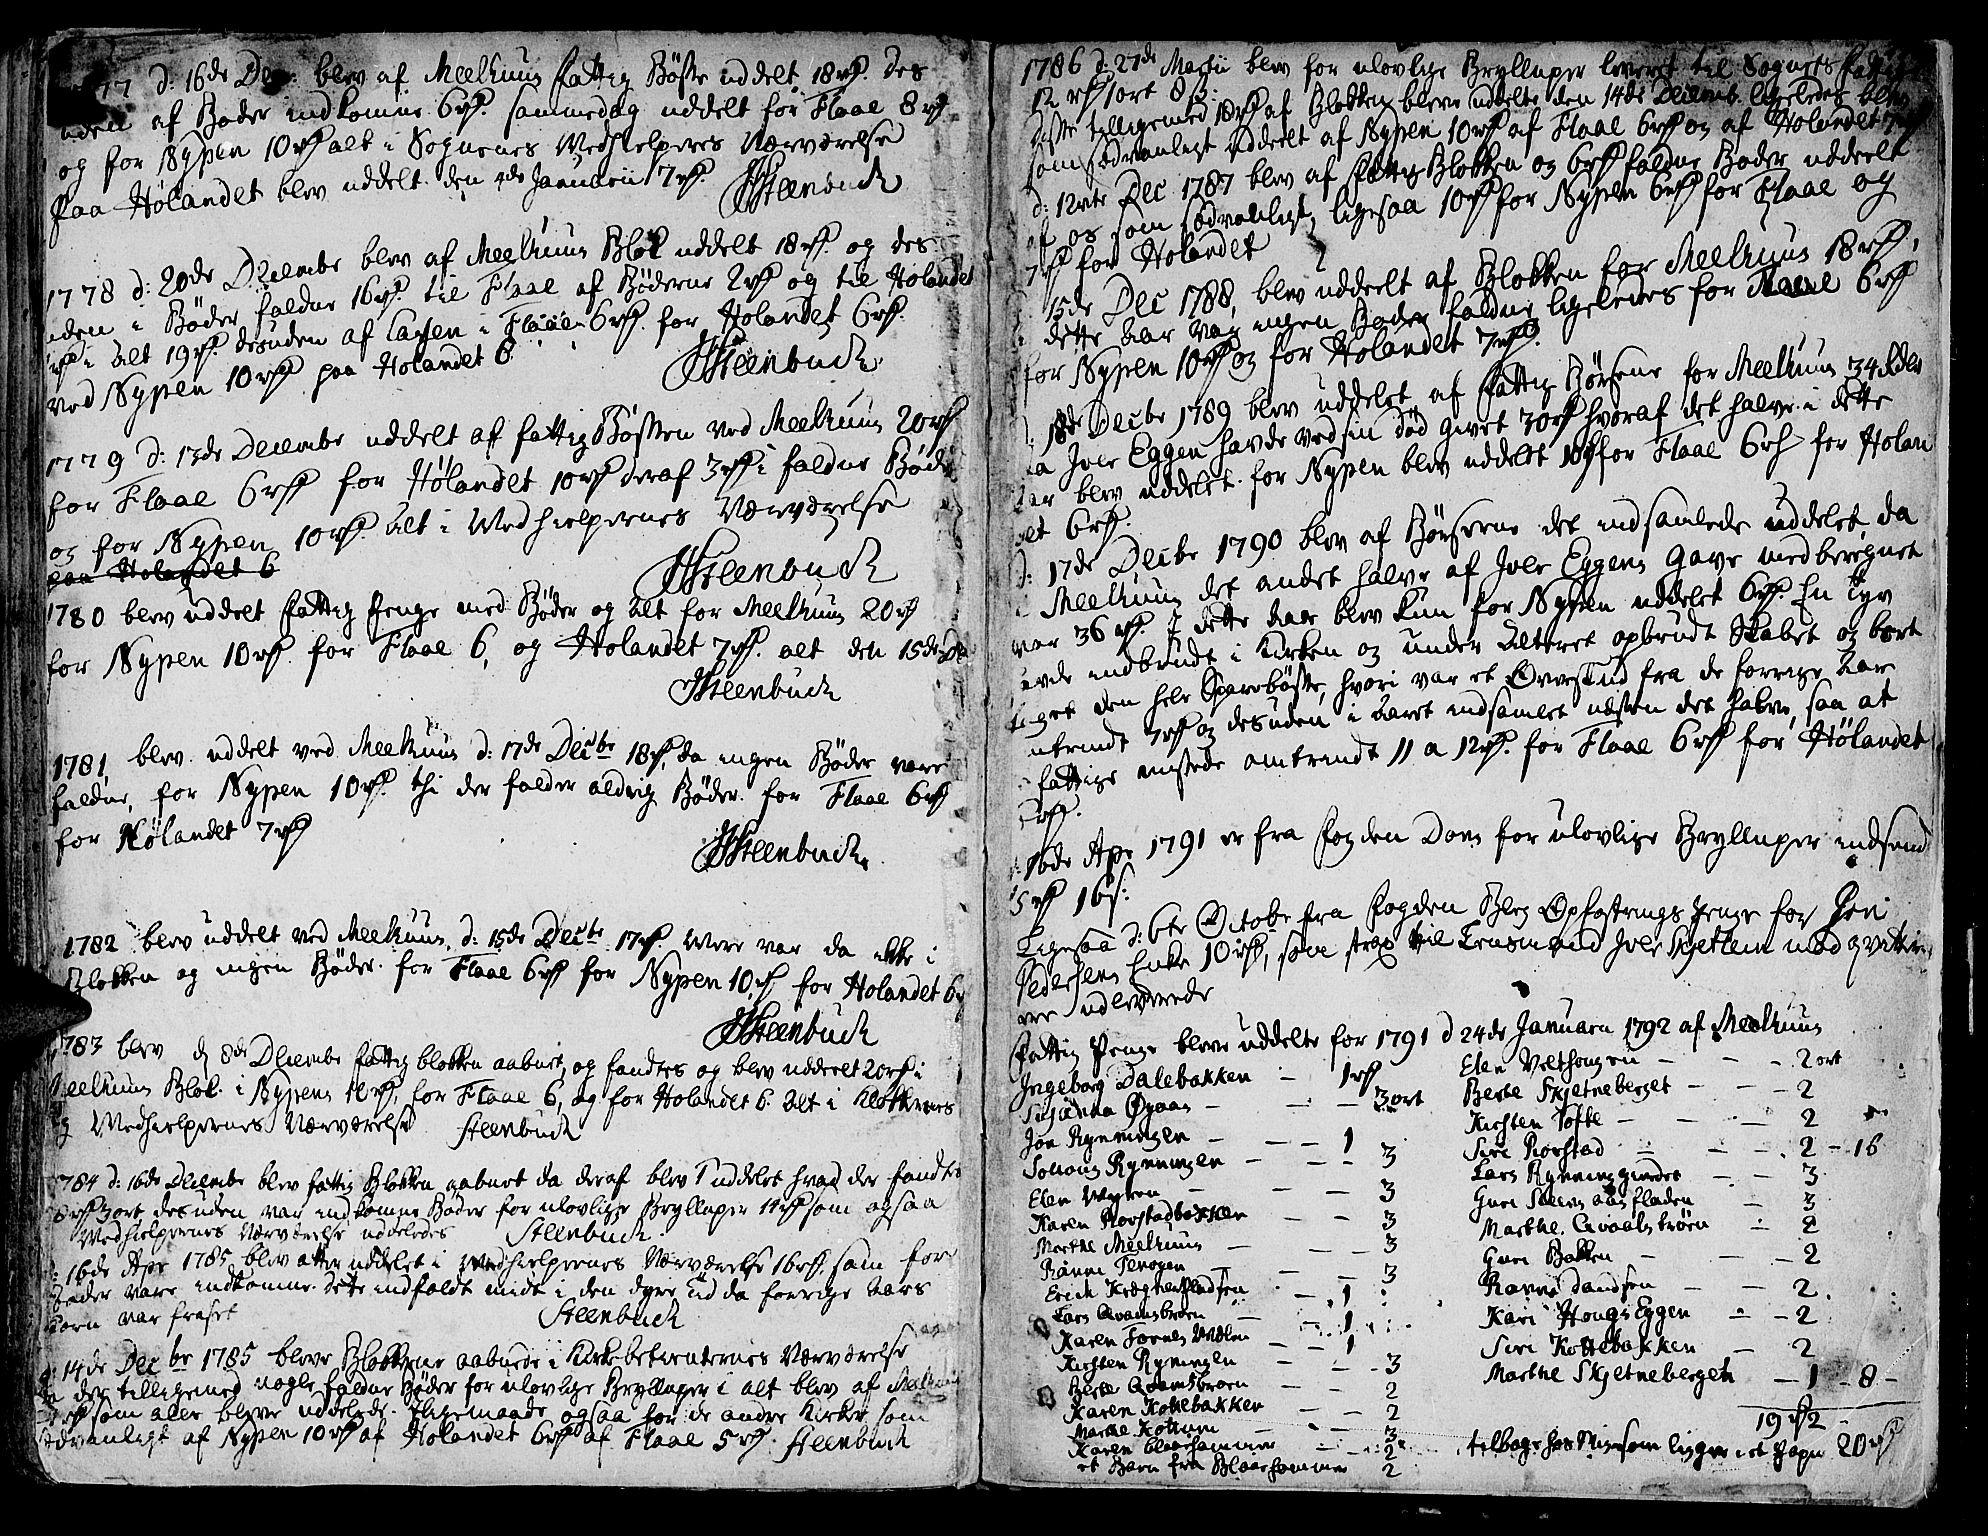 SAT, Ministerialprotokoller, klokkerbøker og fødselsregistre - Sør-Trøndelag, 691/L1061: Ministerialbok nr. 691A02 /1, 1768-1815, s. 276